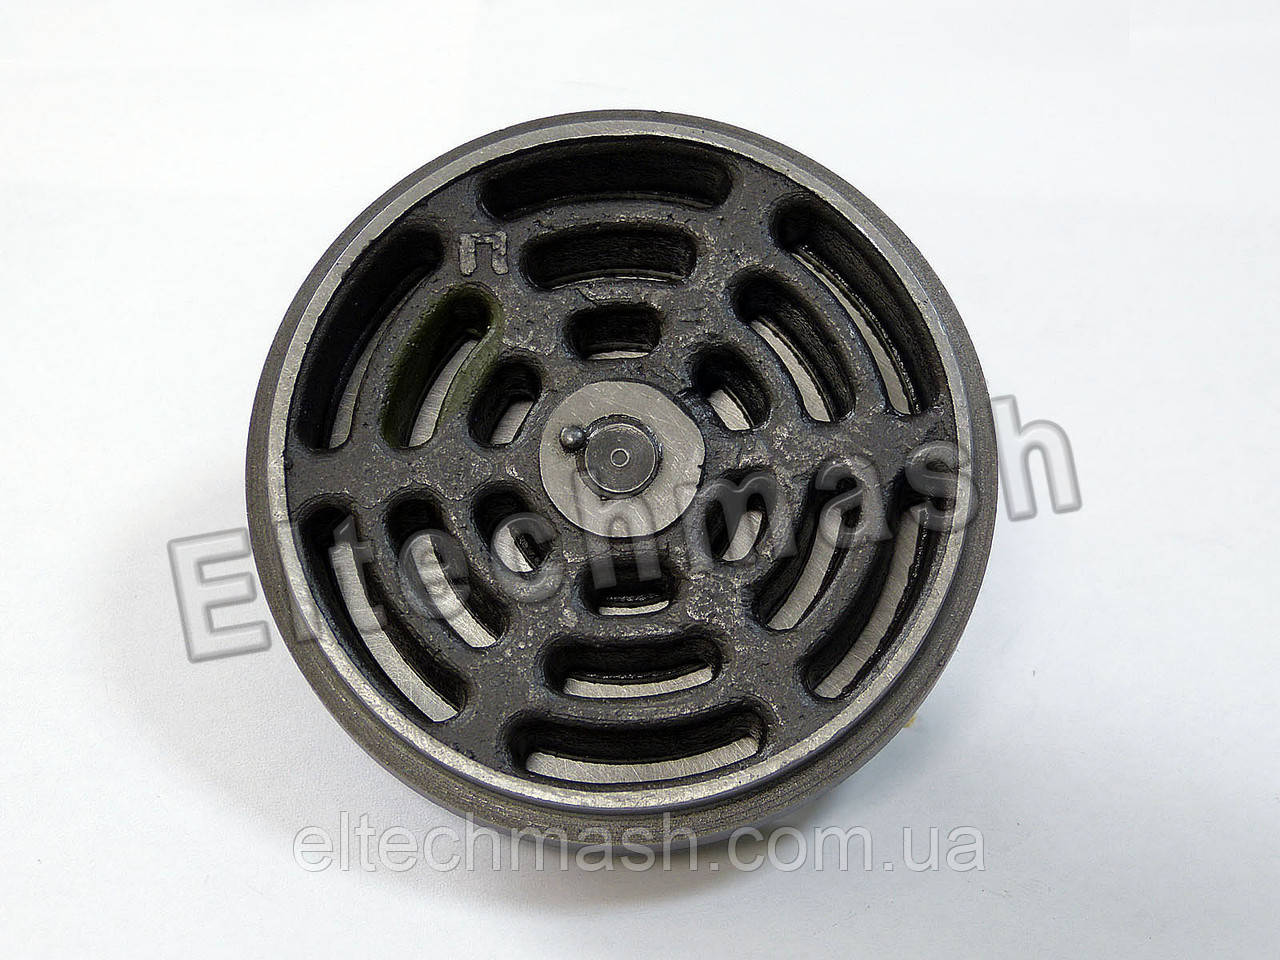 Клапан нагнетательный ЦНД Т328.40.171.00 к компрессорам К2-ЛОК